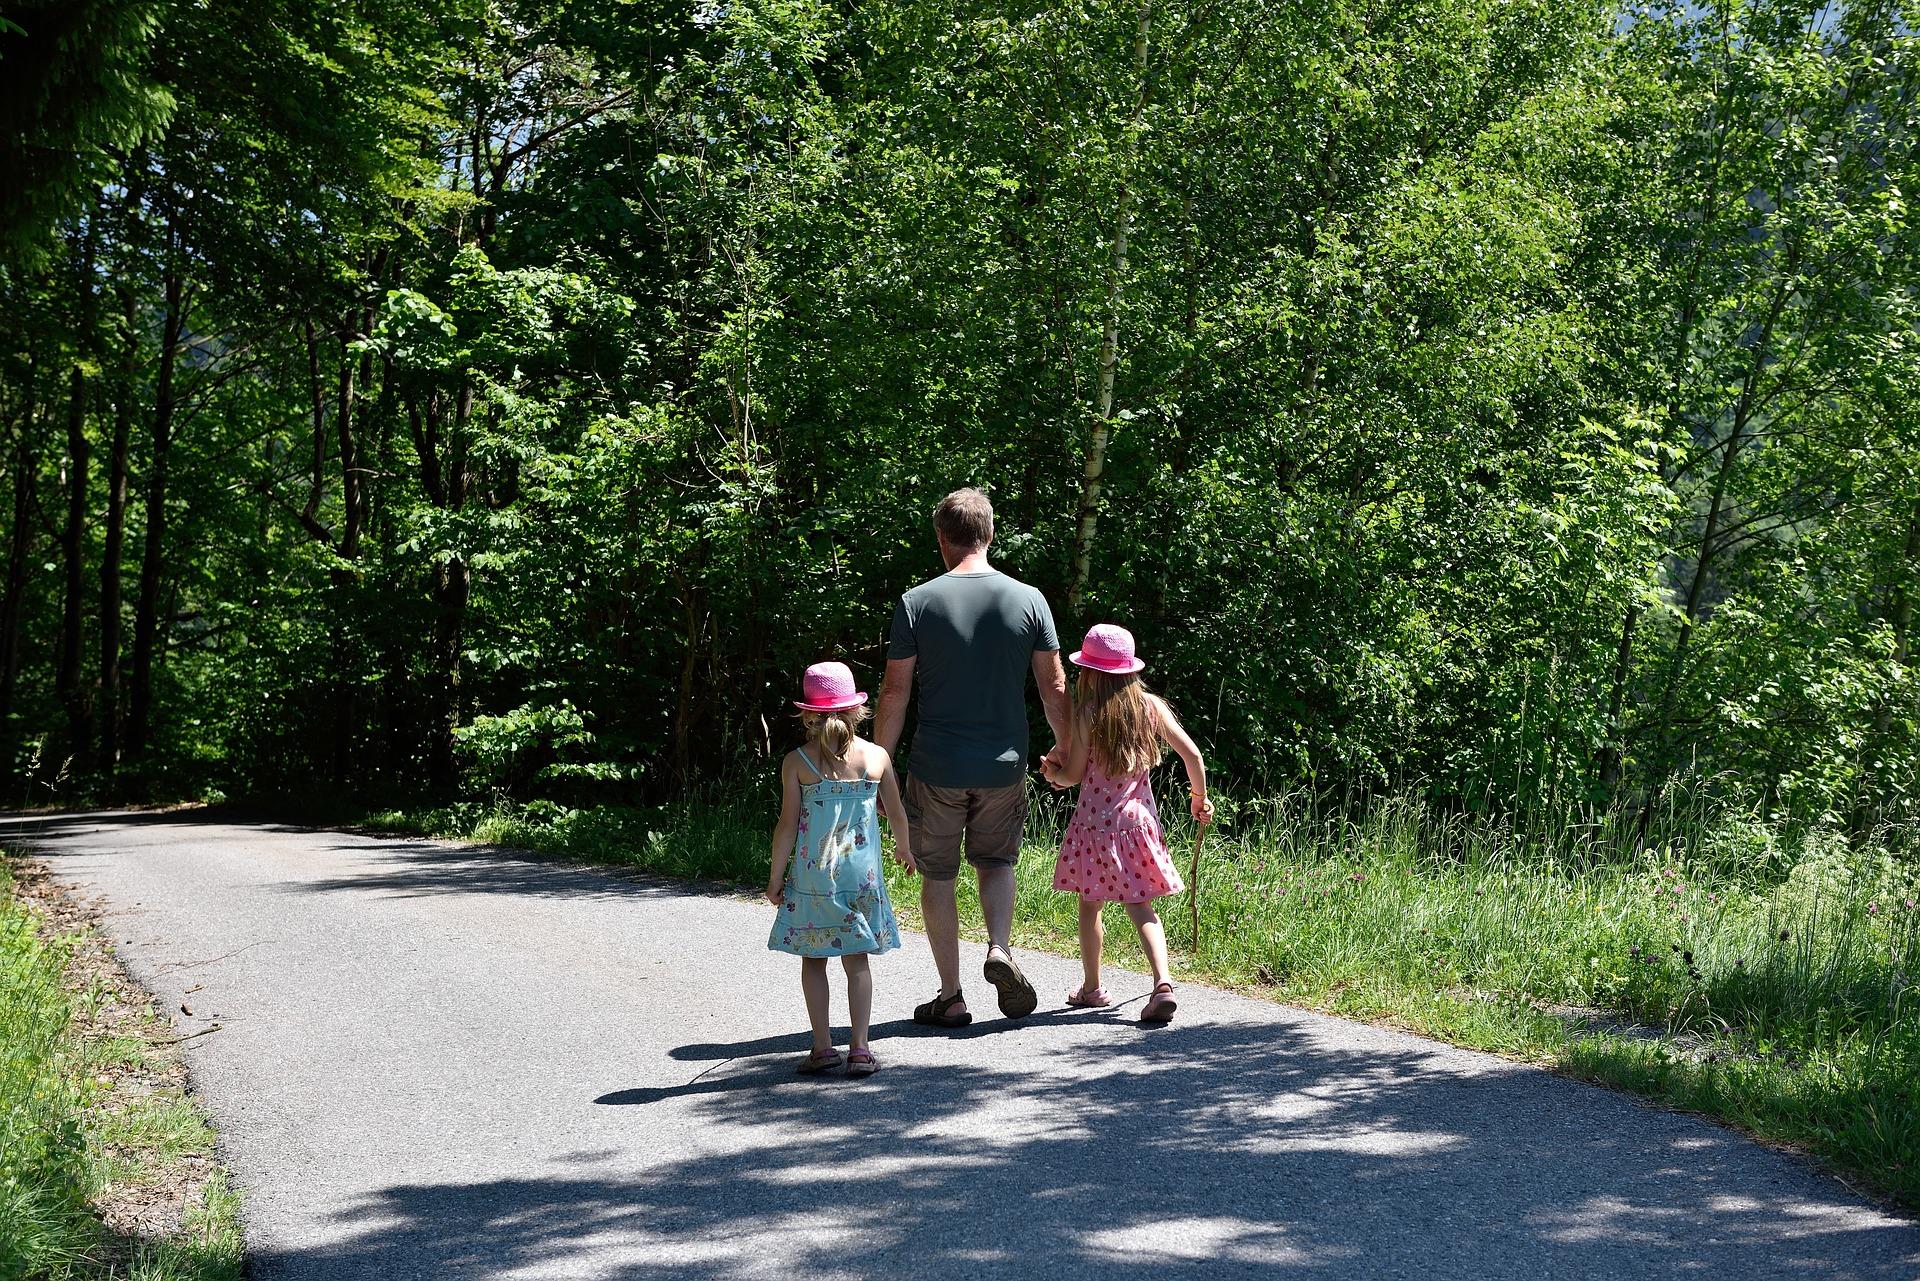 Family Walk, Activity, Family, Feelings, Human, HQ Photo